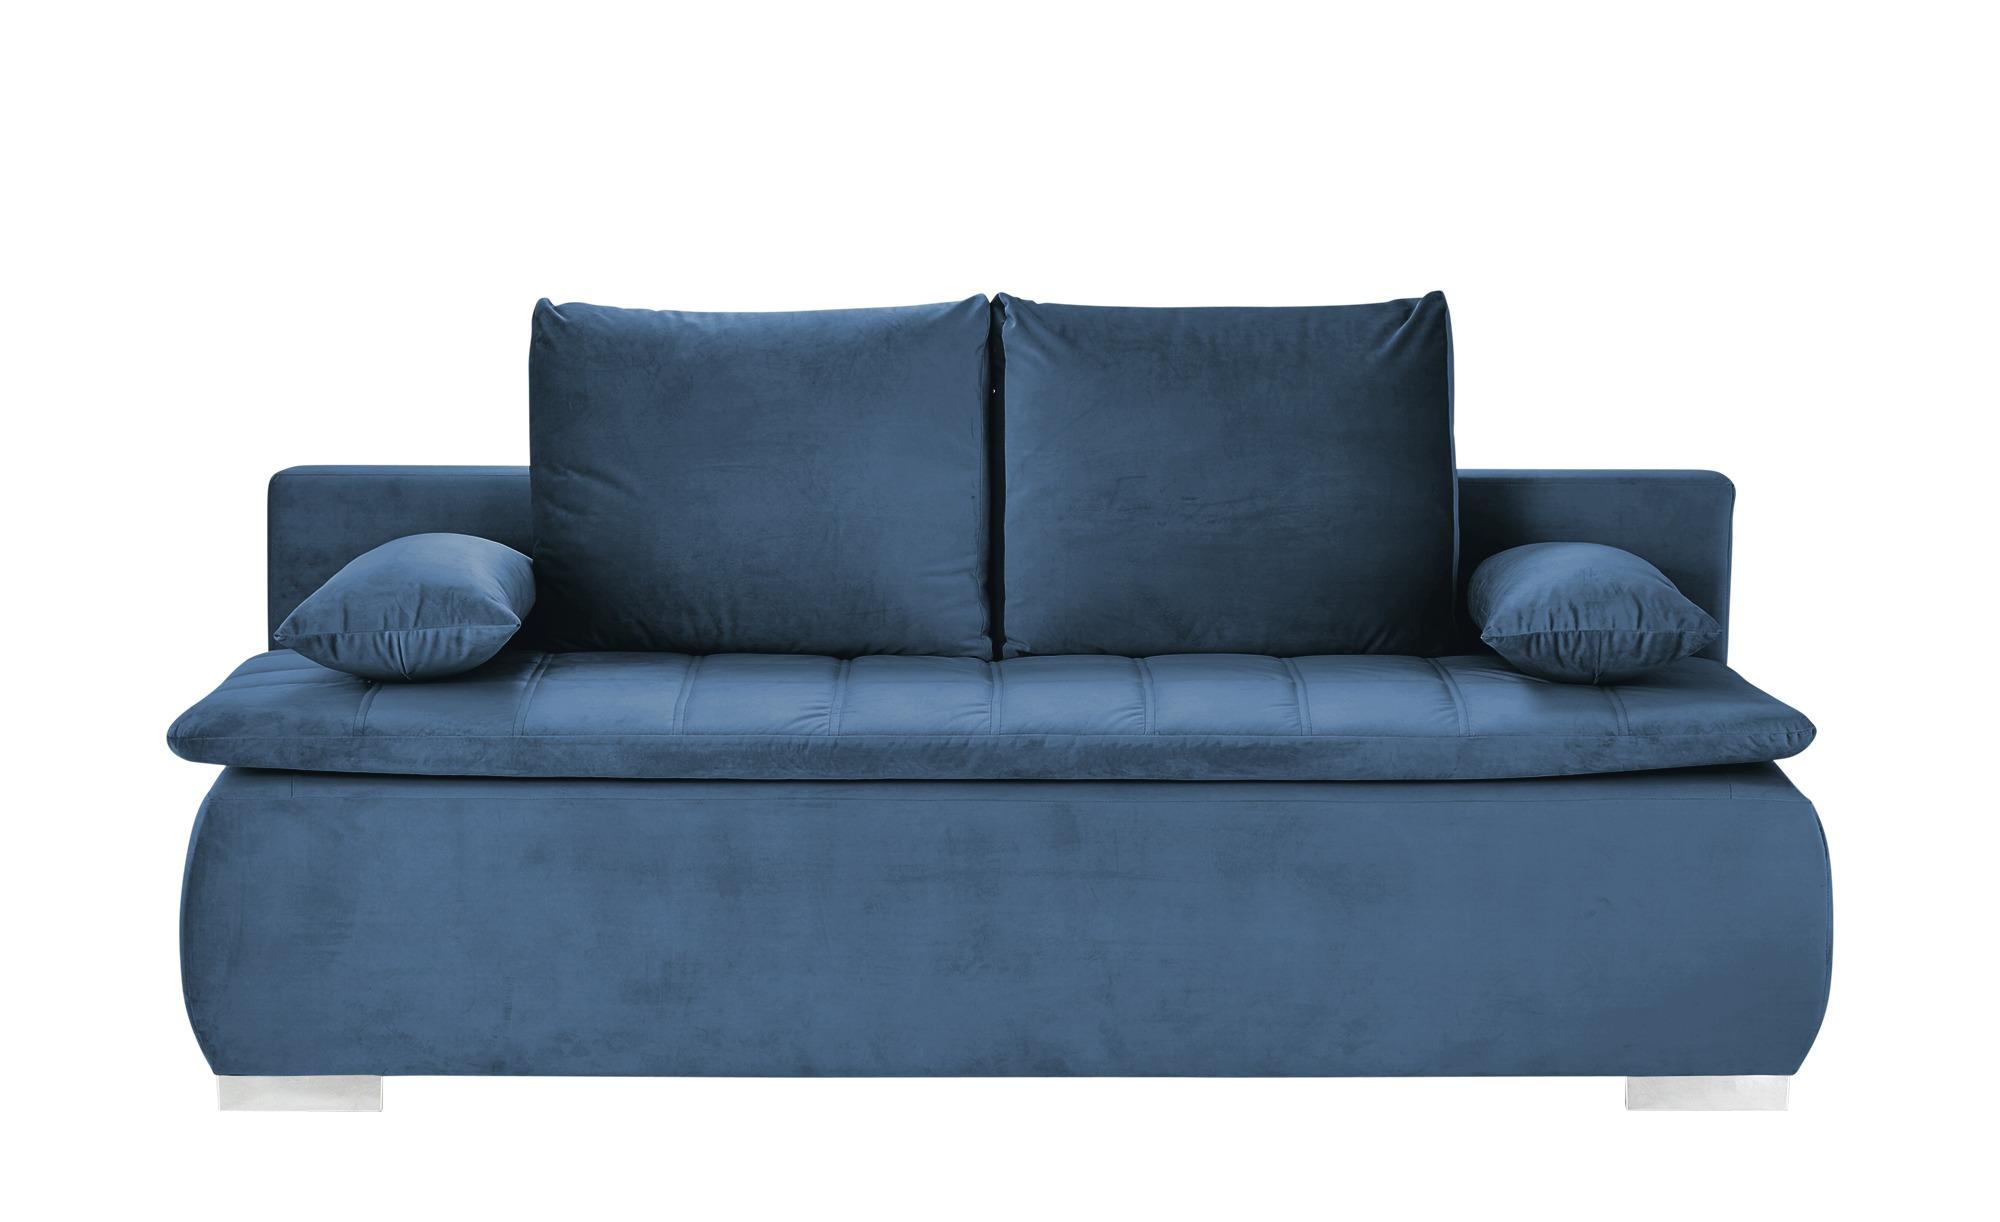 smart Schlafsofa  Leonie ¦ blau ¦ Maße (cm): B: 198 H: 92 T: 90 Polstermöbel > Sofas > Einzelsofas - Höffner